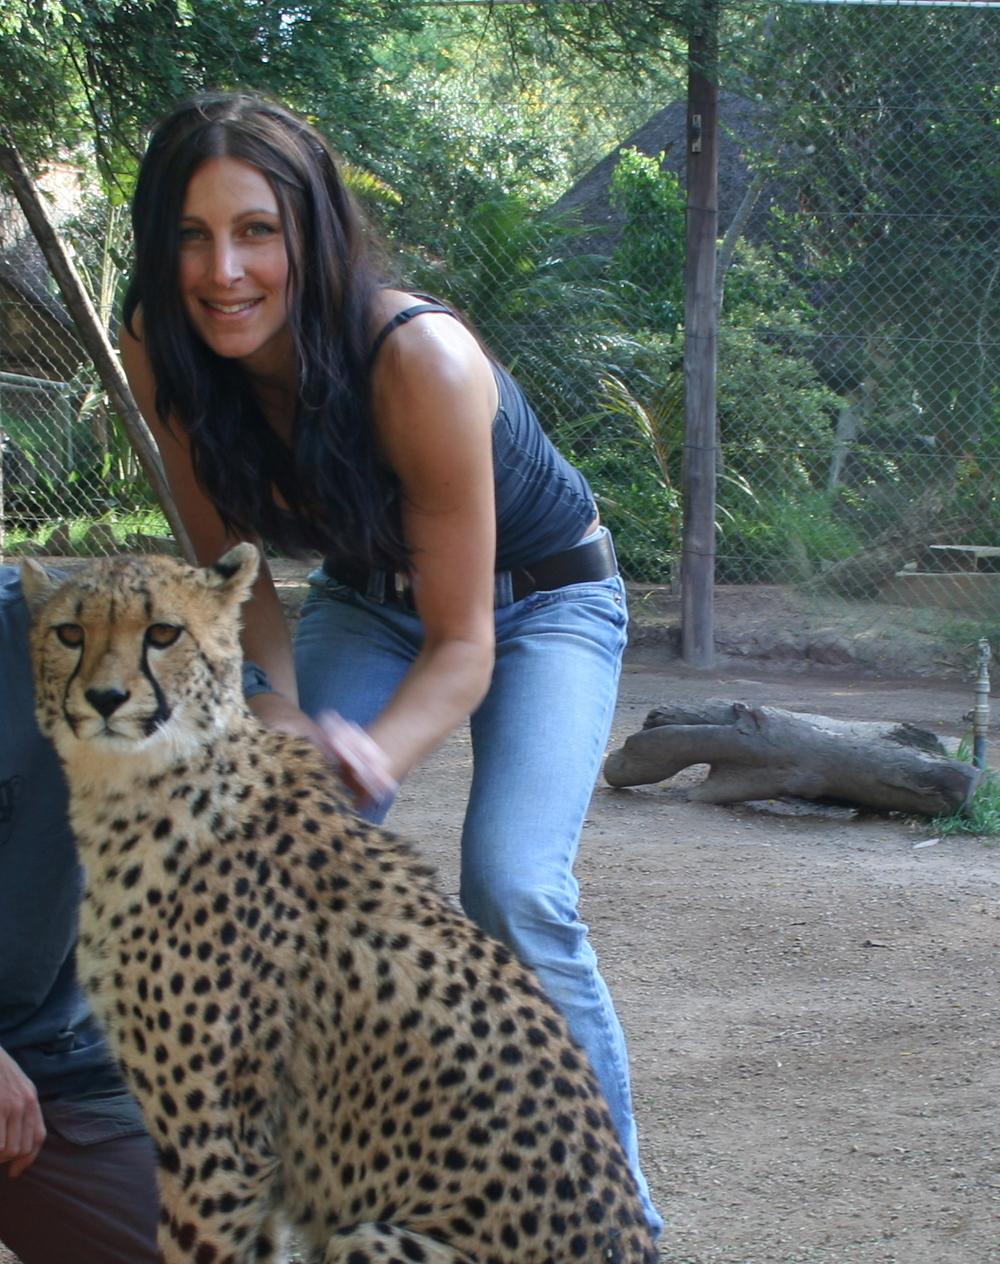 pet the cheetah.jpg